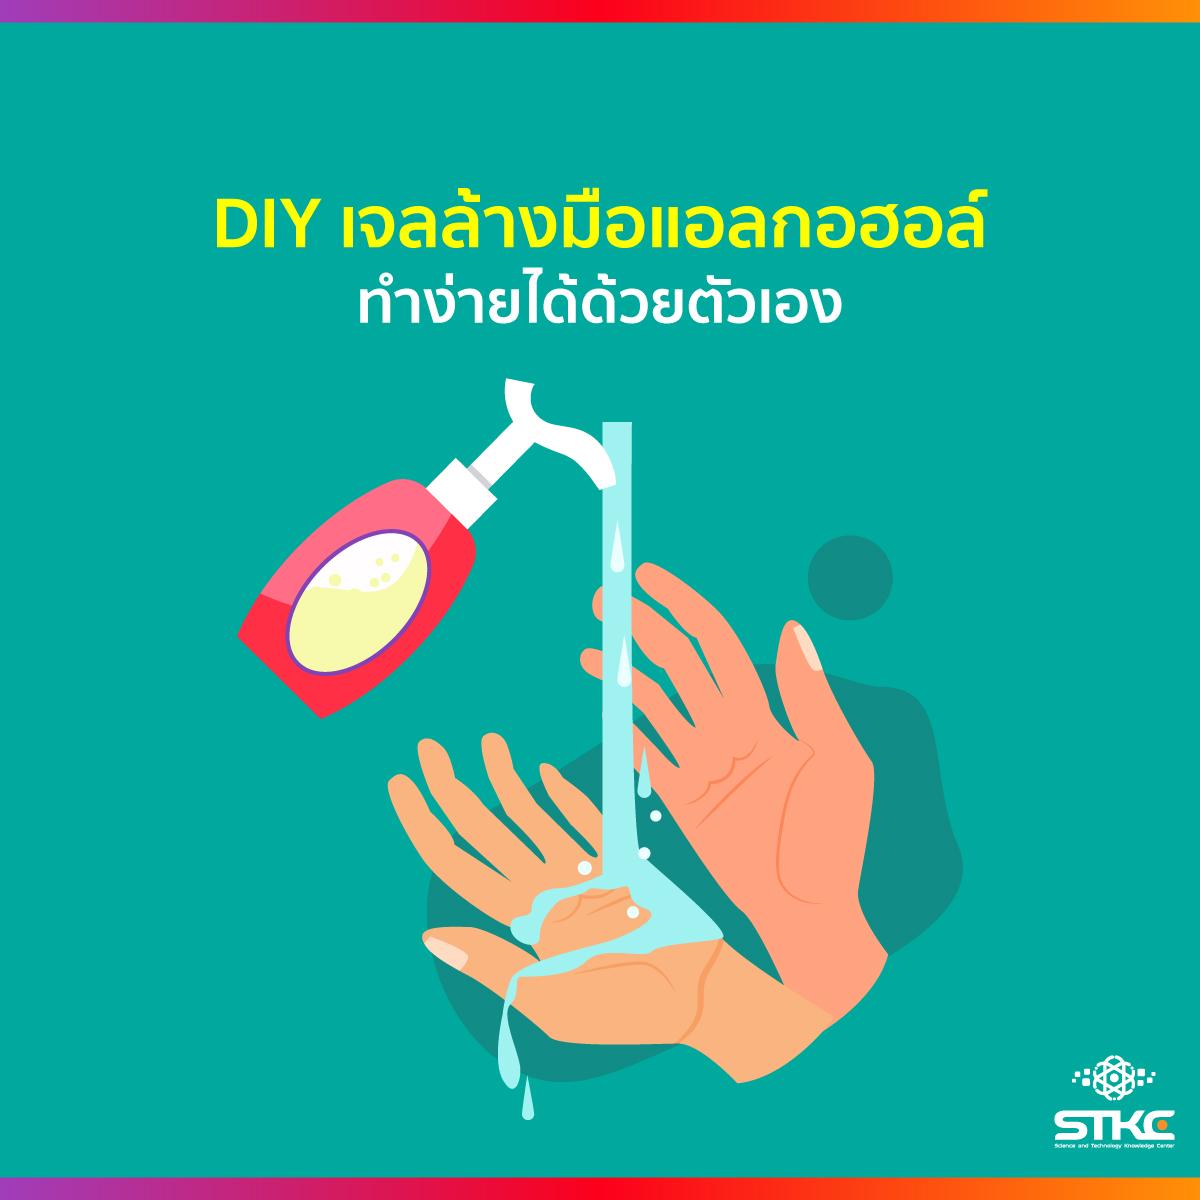 DIY เจลล้างมือแอลกอฮอล์ ทำง่ายได้ด้วยตัวเอง